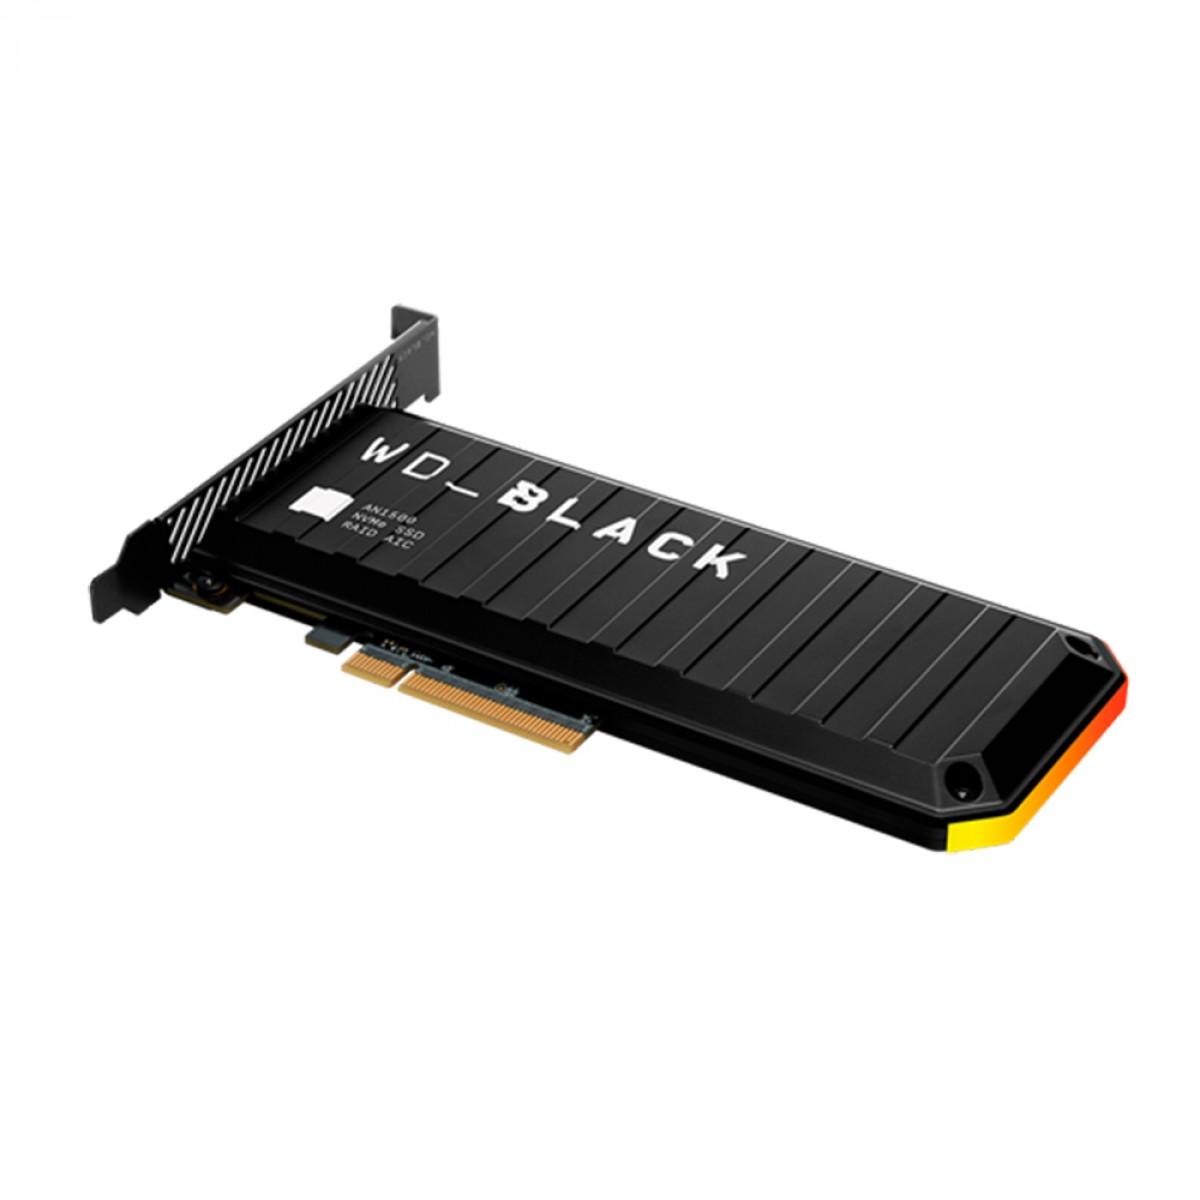 SSD WD AN1500 Black, 2TB, PCI-Express 3.0 x8 NVME, Leitura 6500MBs e Gravação 4100MBs, WDS200T1X0L-00AUJ0